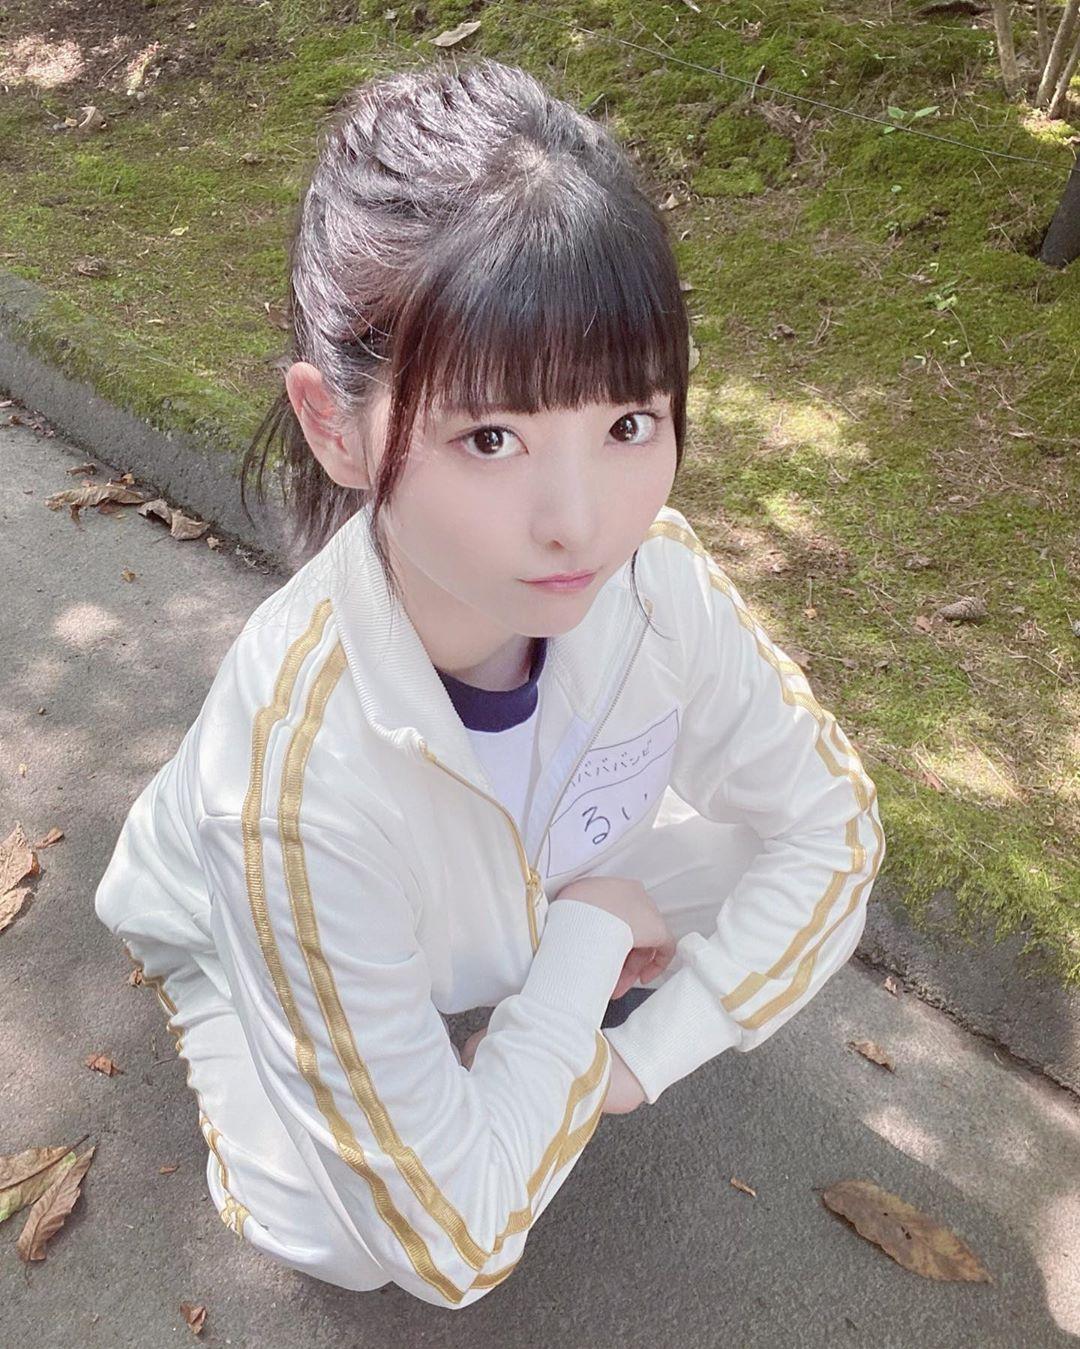 bgOMNekR o - IG正妹—小鳥遊るい Rui Takanashi